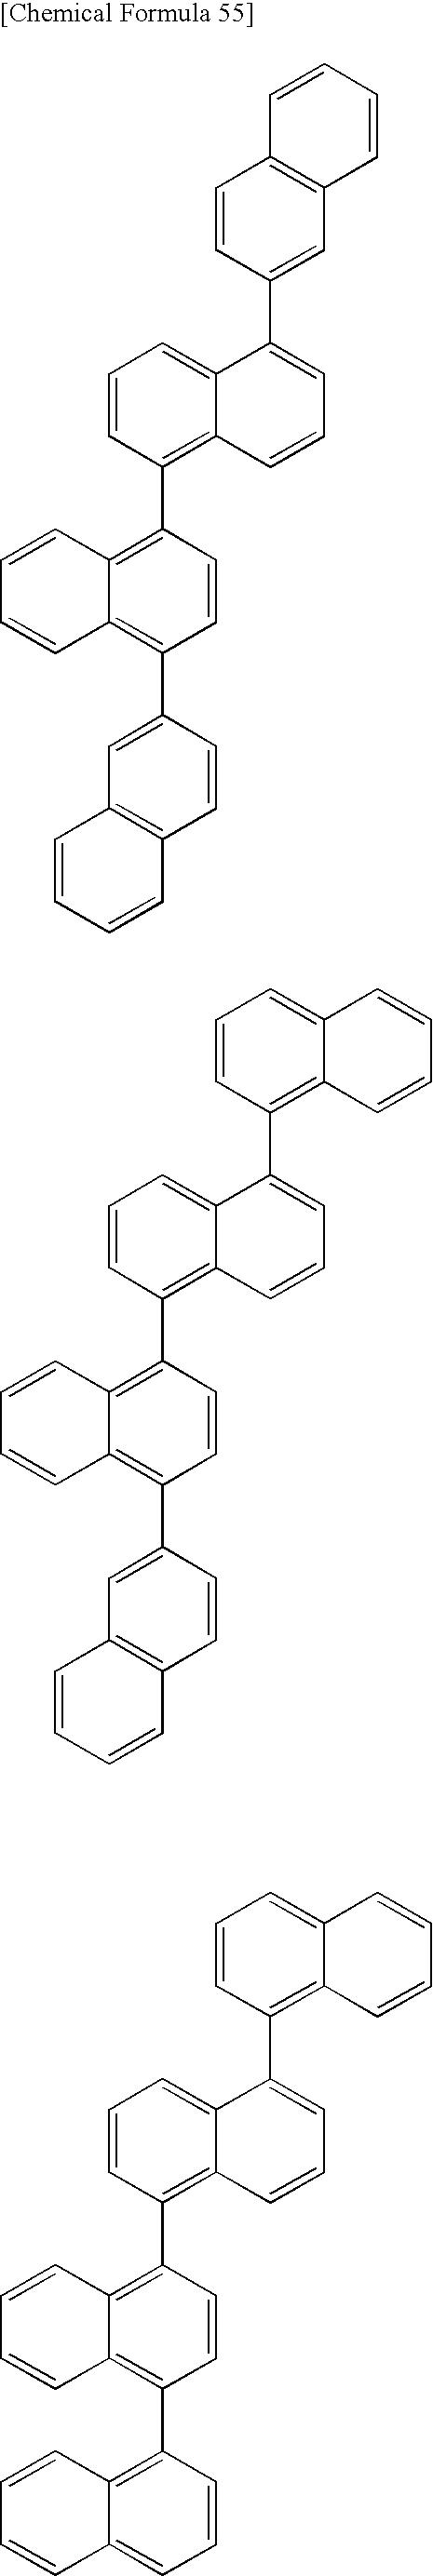 Figure US20100171109A1-20100708-C00093